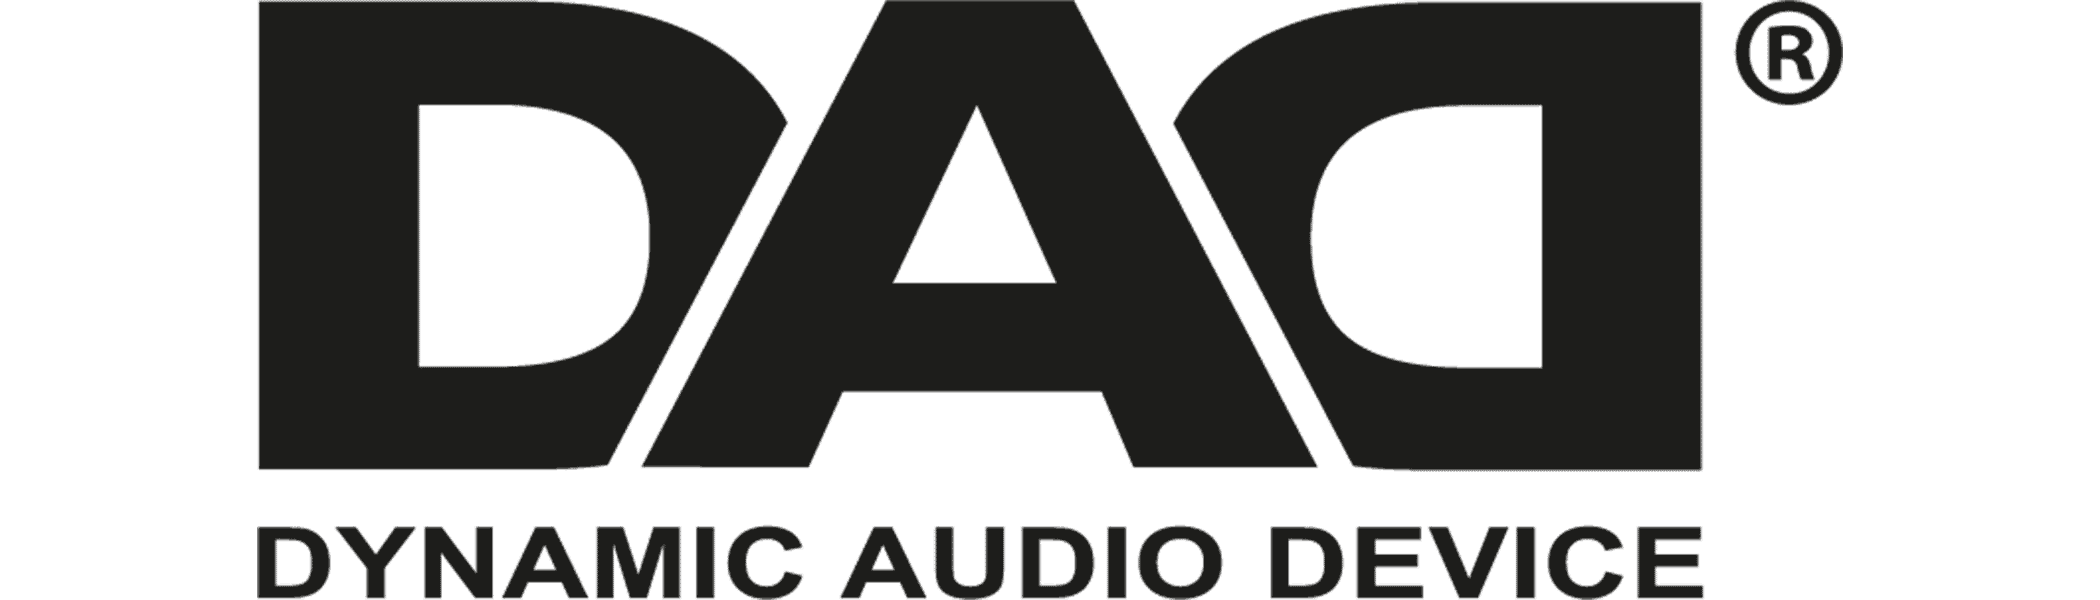 DAD Dynamic Audio Device højttalere forstærkere